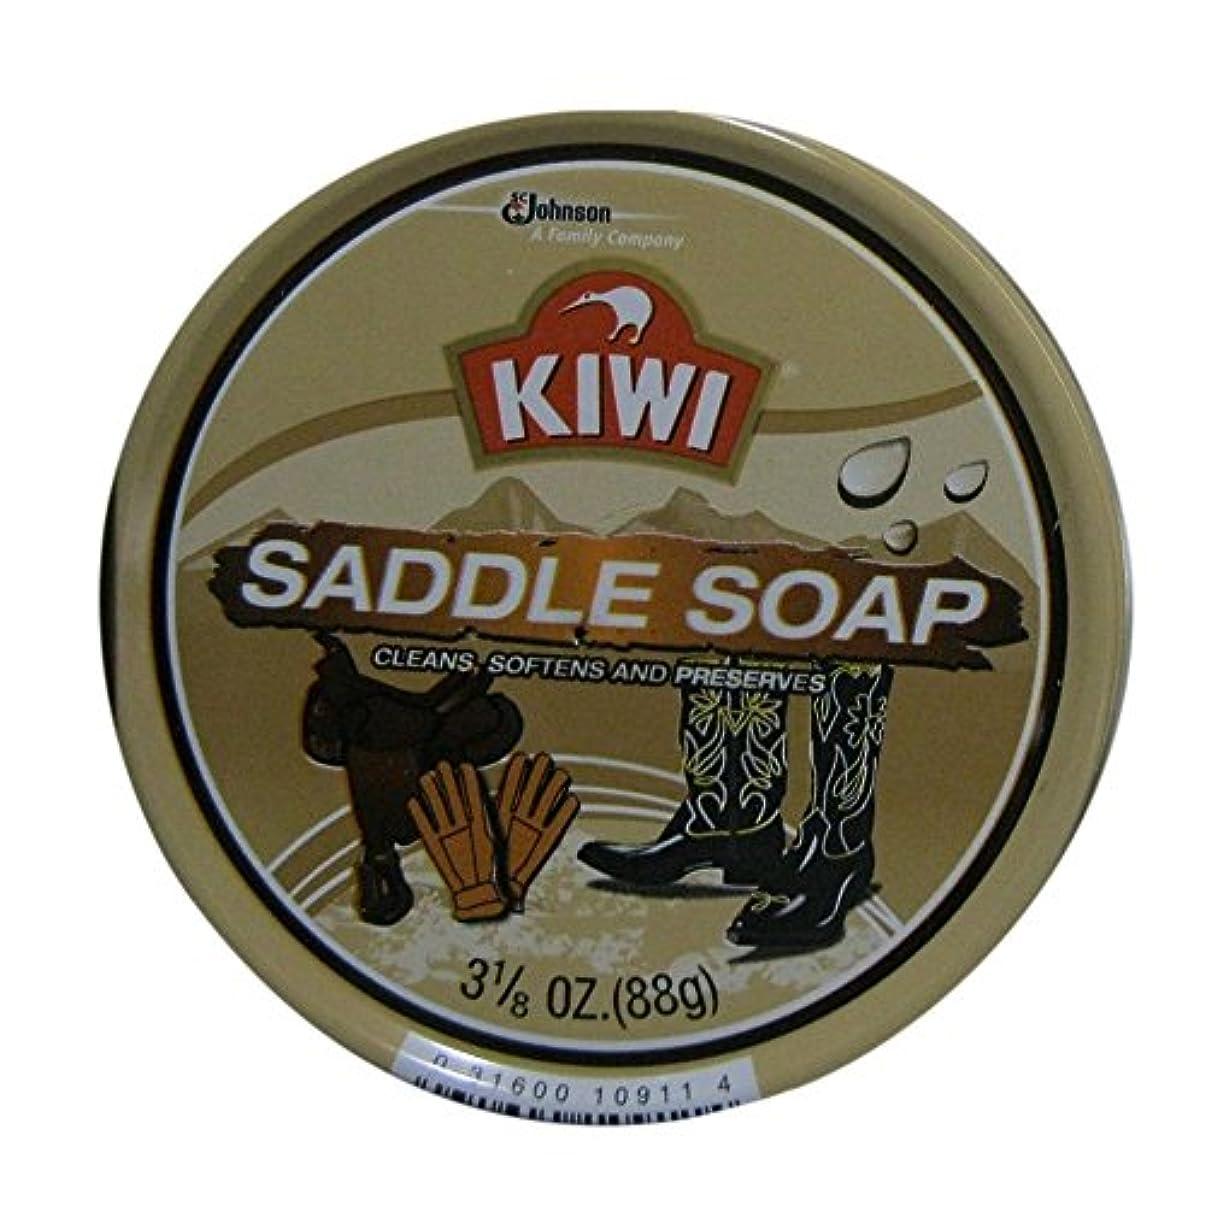 コンドーム含むクラシカルKiwi KIWIハメソープ3.125オンス(5パック) 5パック